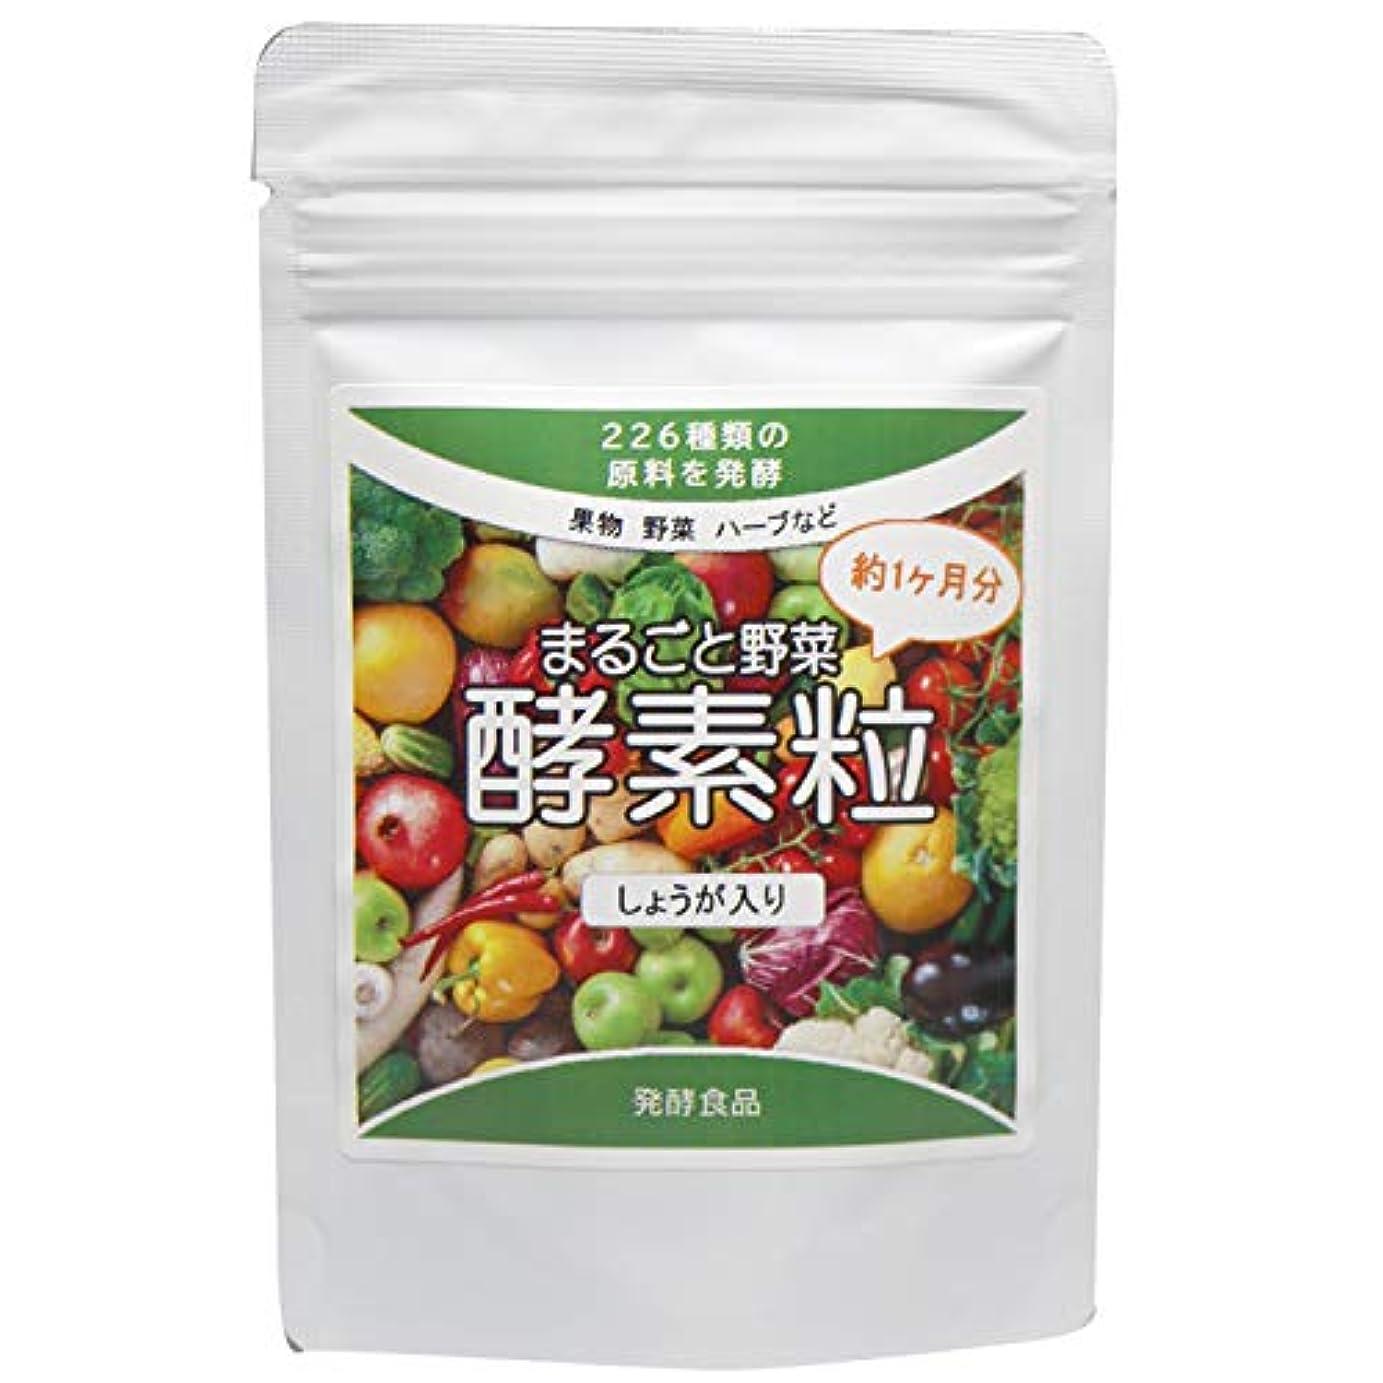 呼吸するレジデンス認可まるごと野菜酵素粒 226種類の野菜発酵(しょうが入り) 約4ヶ月分 (440mg×120粒)